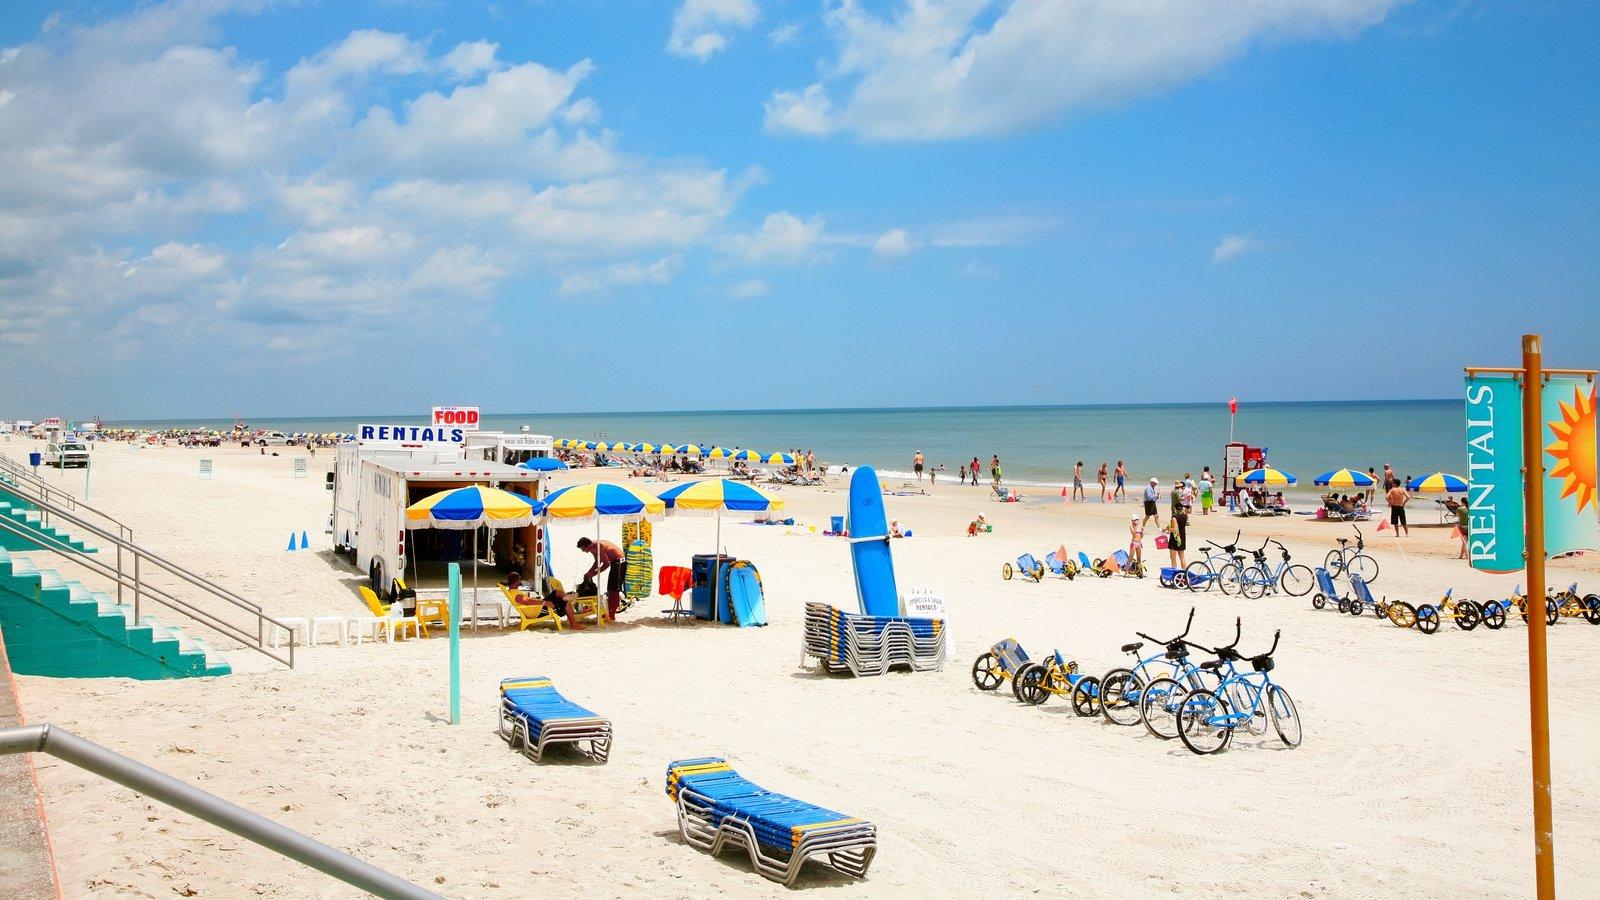 Daytona Beach featuring general coastal views and a beach